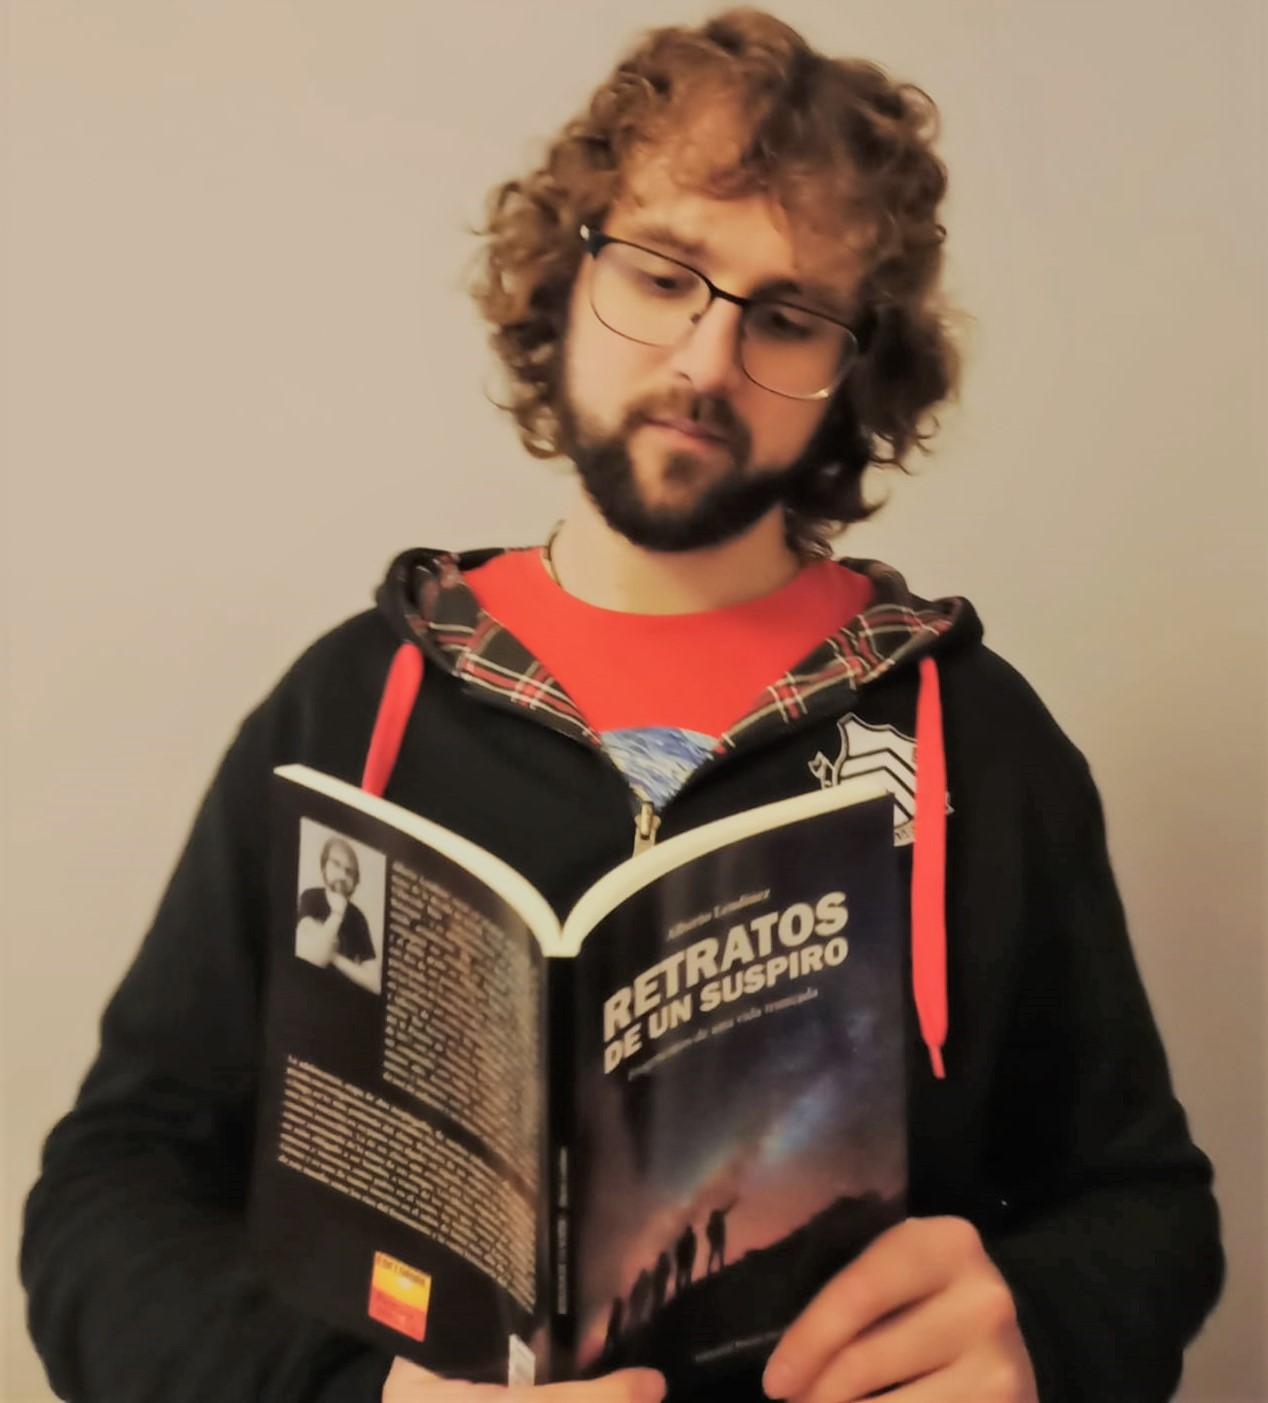 """Entrevista a Alberto Lendínez, autor de """"Retratos de un suspiro: Fragmentos de una vida truncada»."""